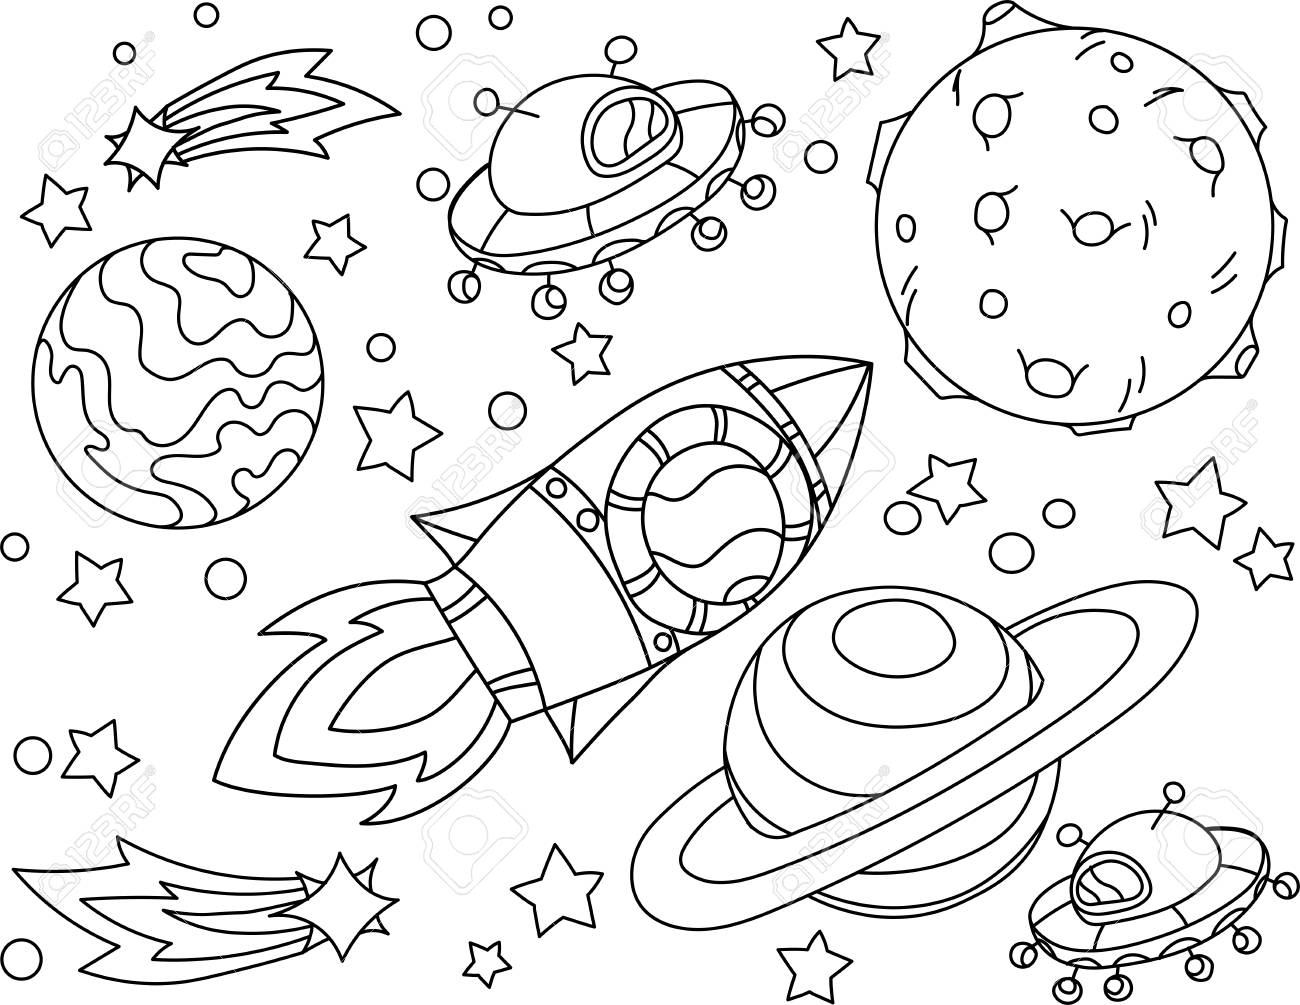 La Fusée Vole Au Livre De Coloriage De La Lune Planète Terre Et Lune Anti Stress Illustration De Vetor Dans Un Style Zentangle Eps 10